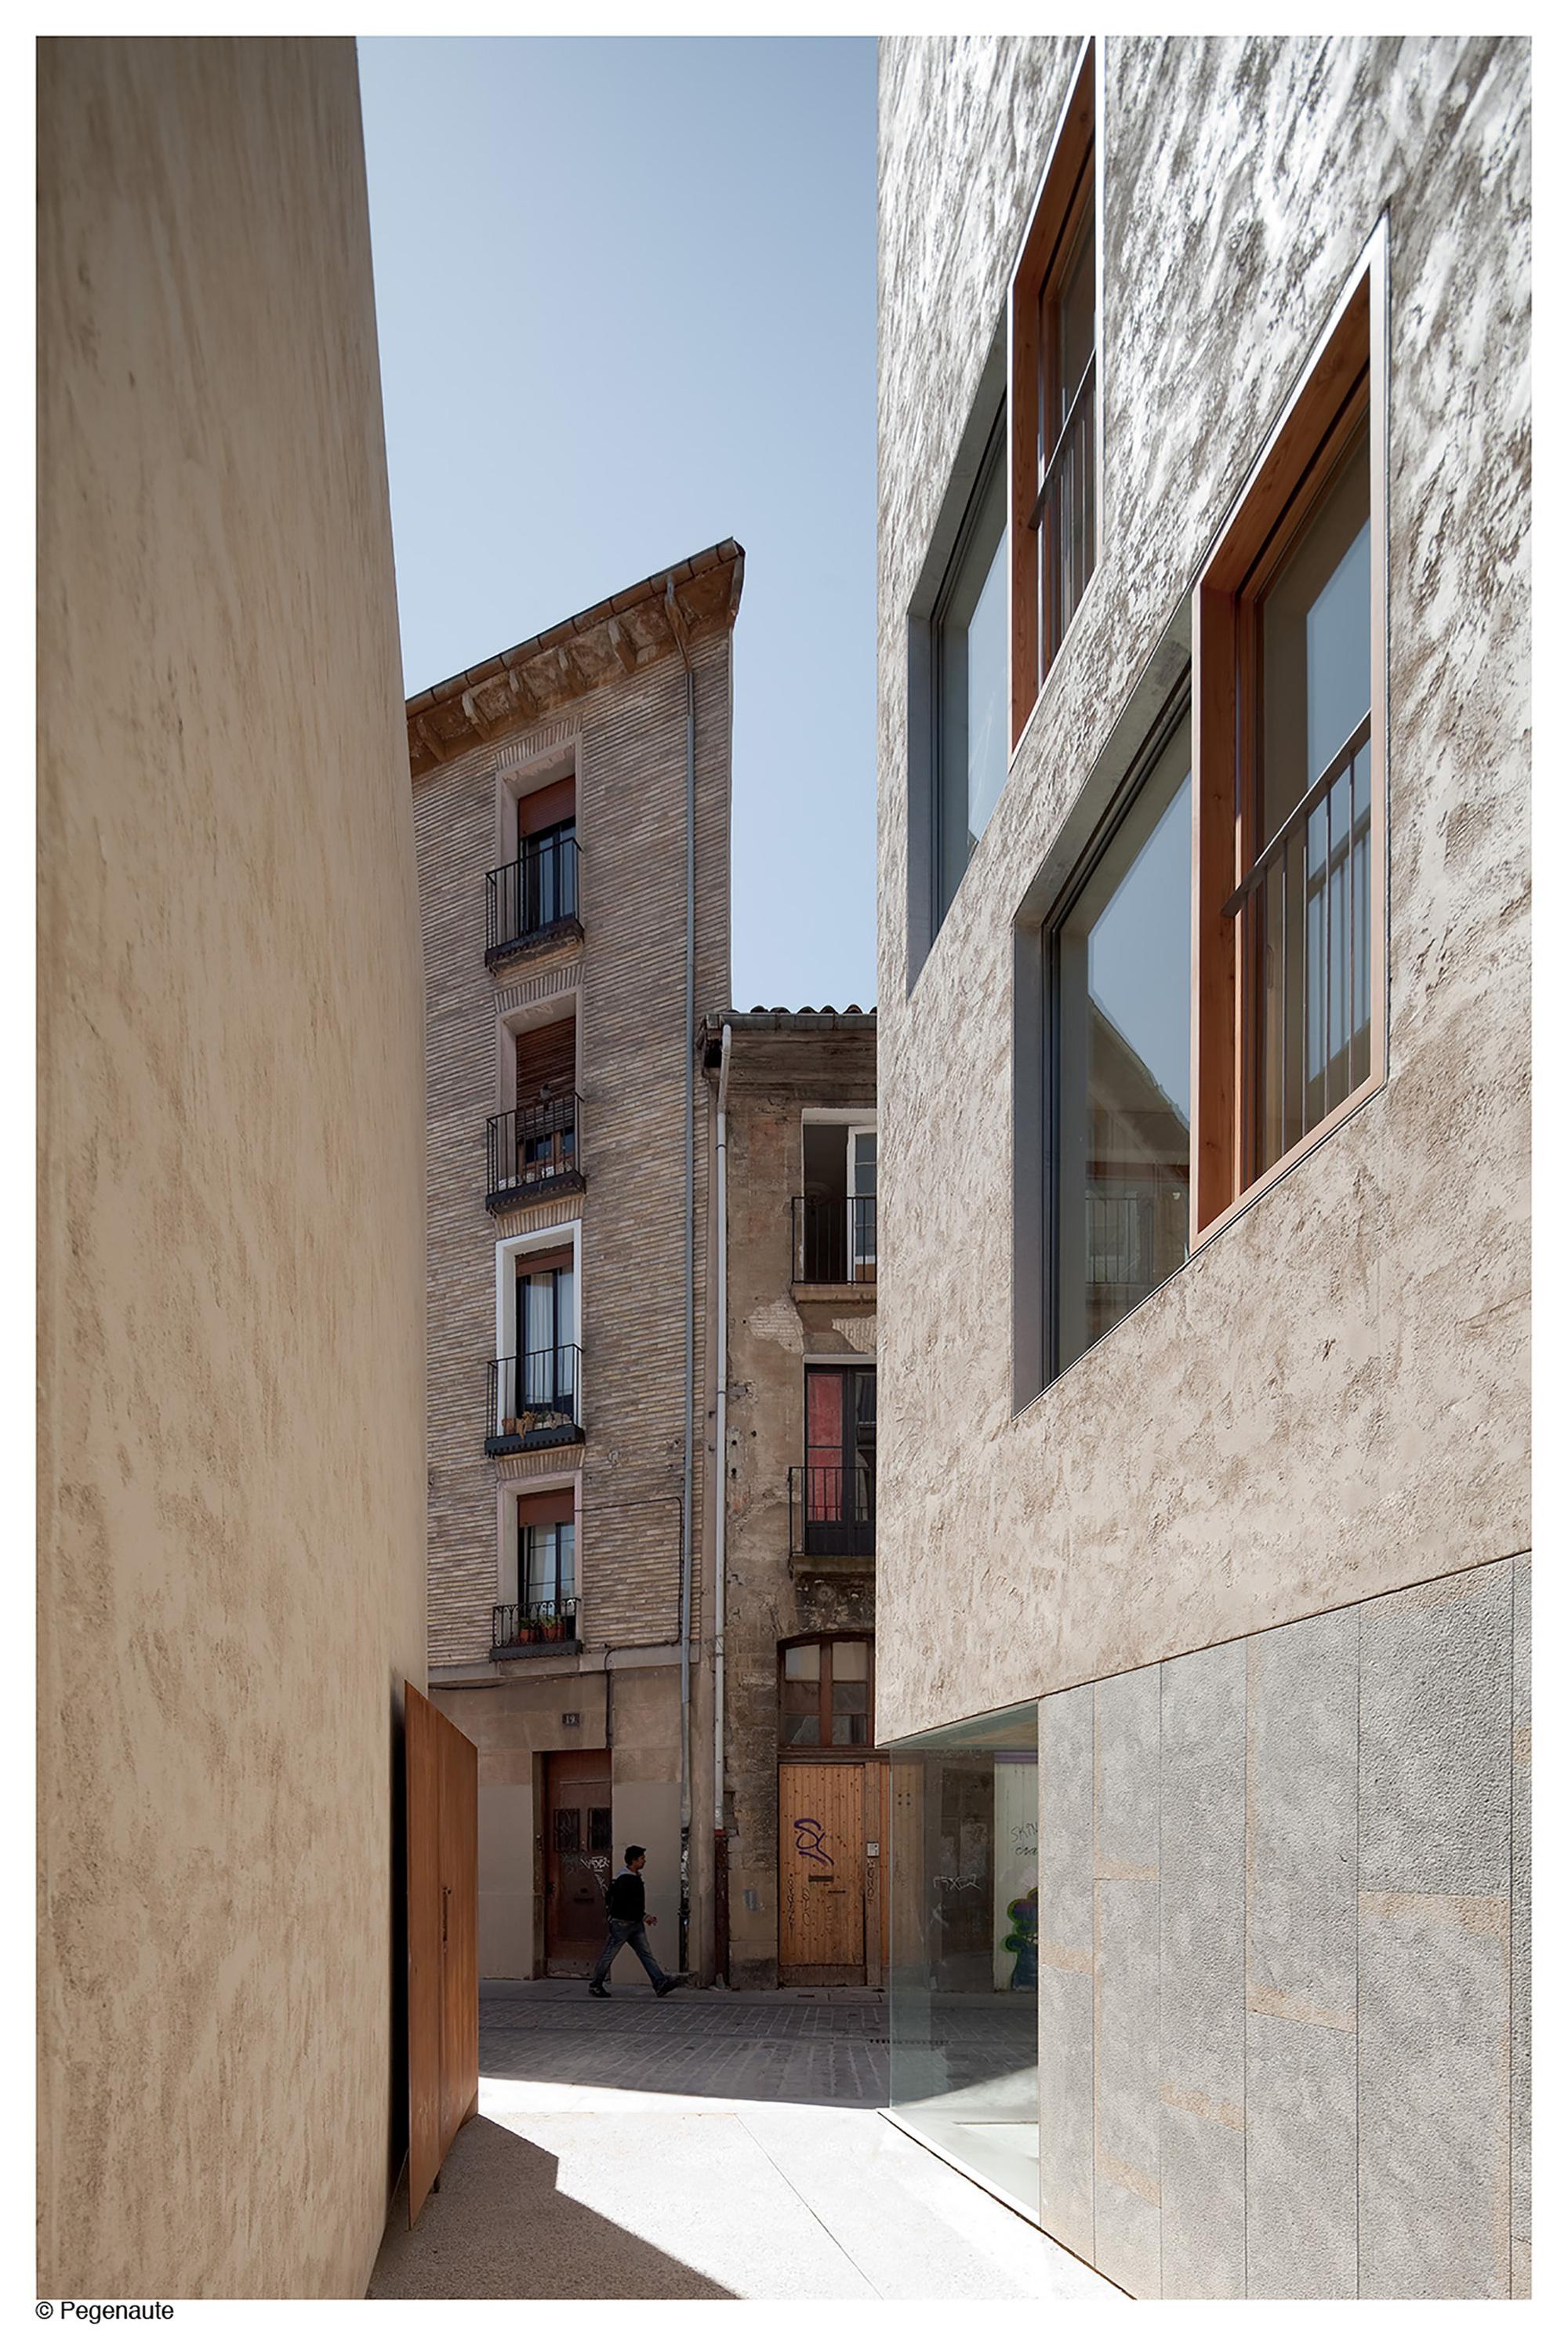 Galer a de edificio de viviendas para realojos en el casco hist rico de pamplona pereda p rez - Arquitectos en pamplona ...